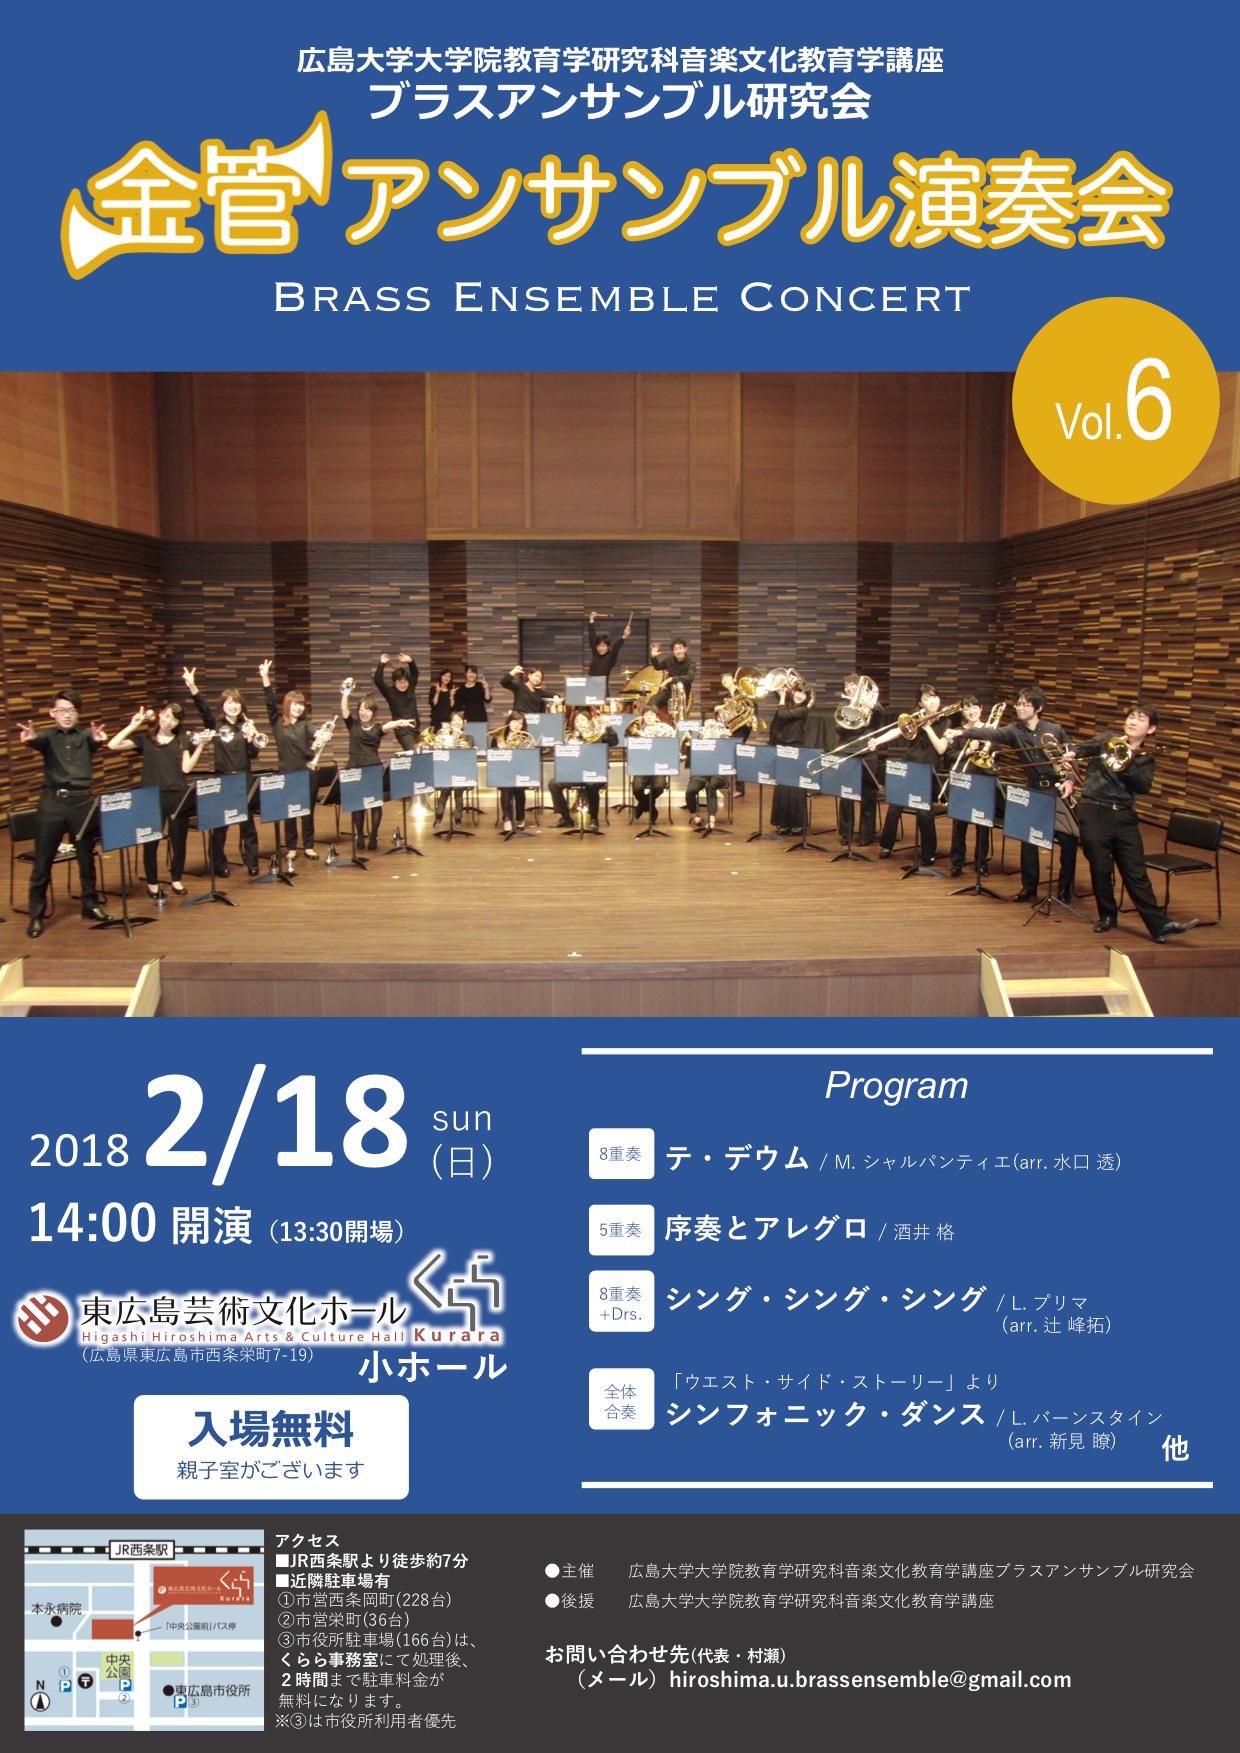 金管楽器を専門に学ぶ学生による演奏会のお知らせ【広島大学ブラスアンサンブル研究会】